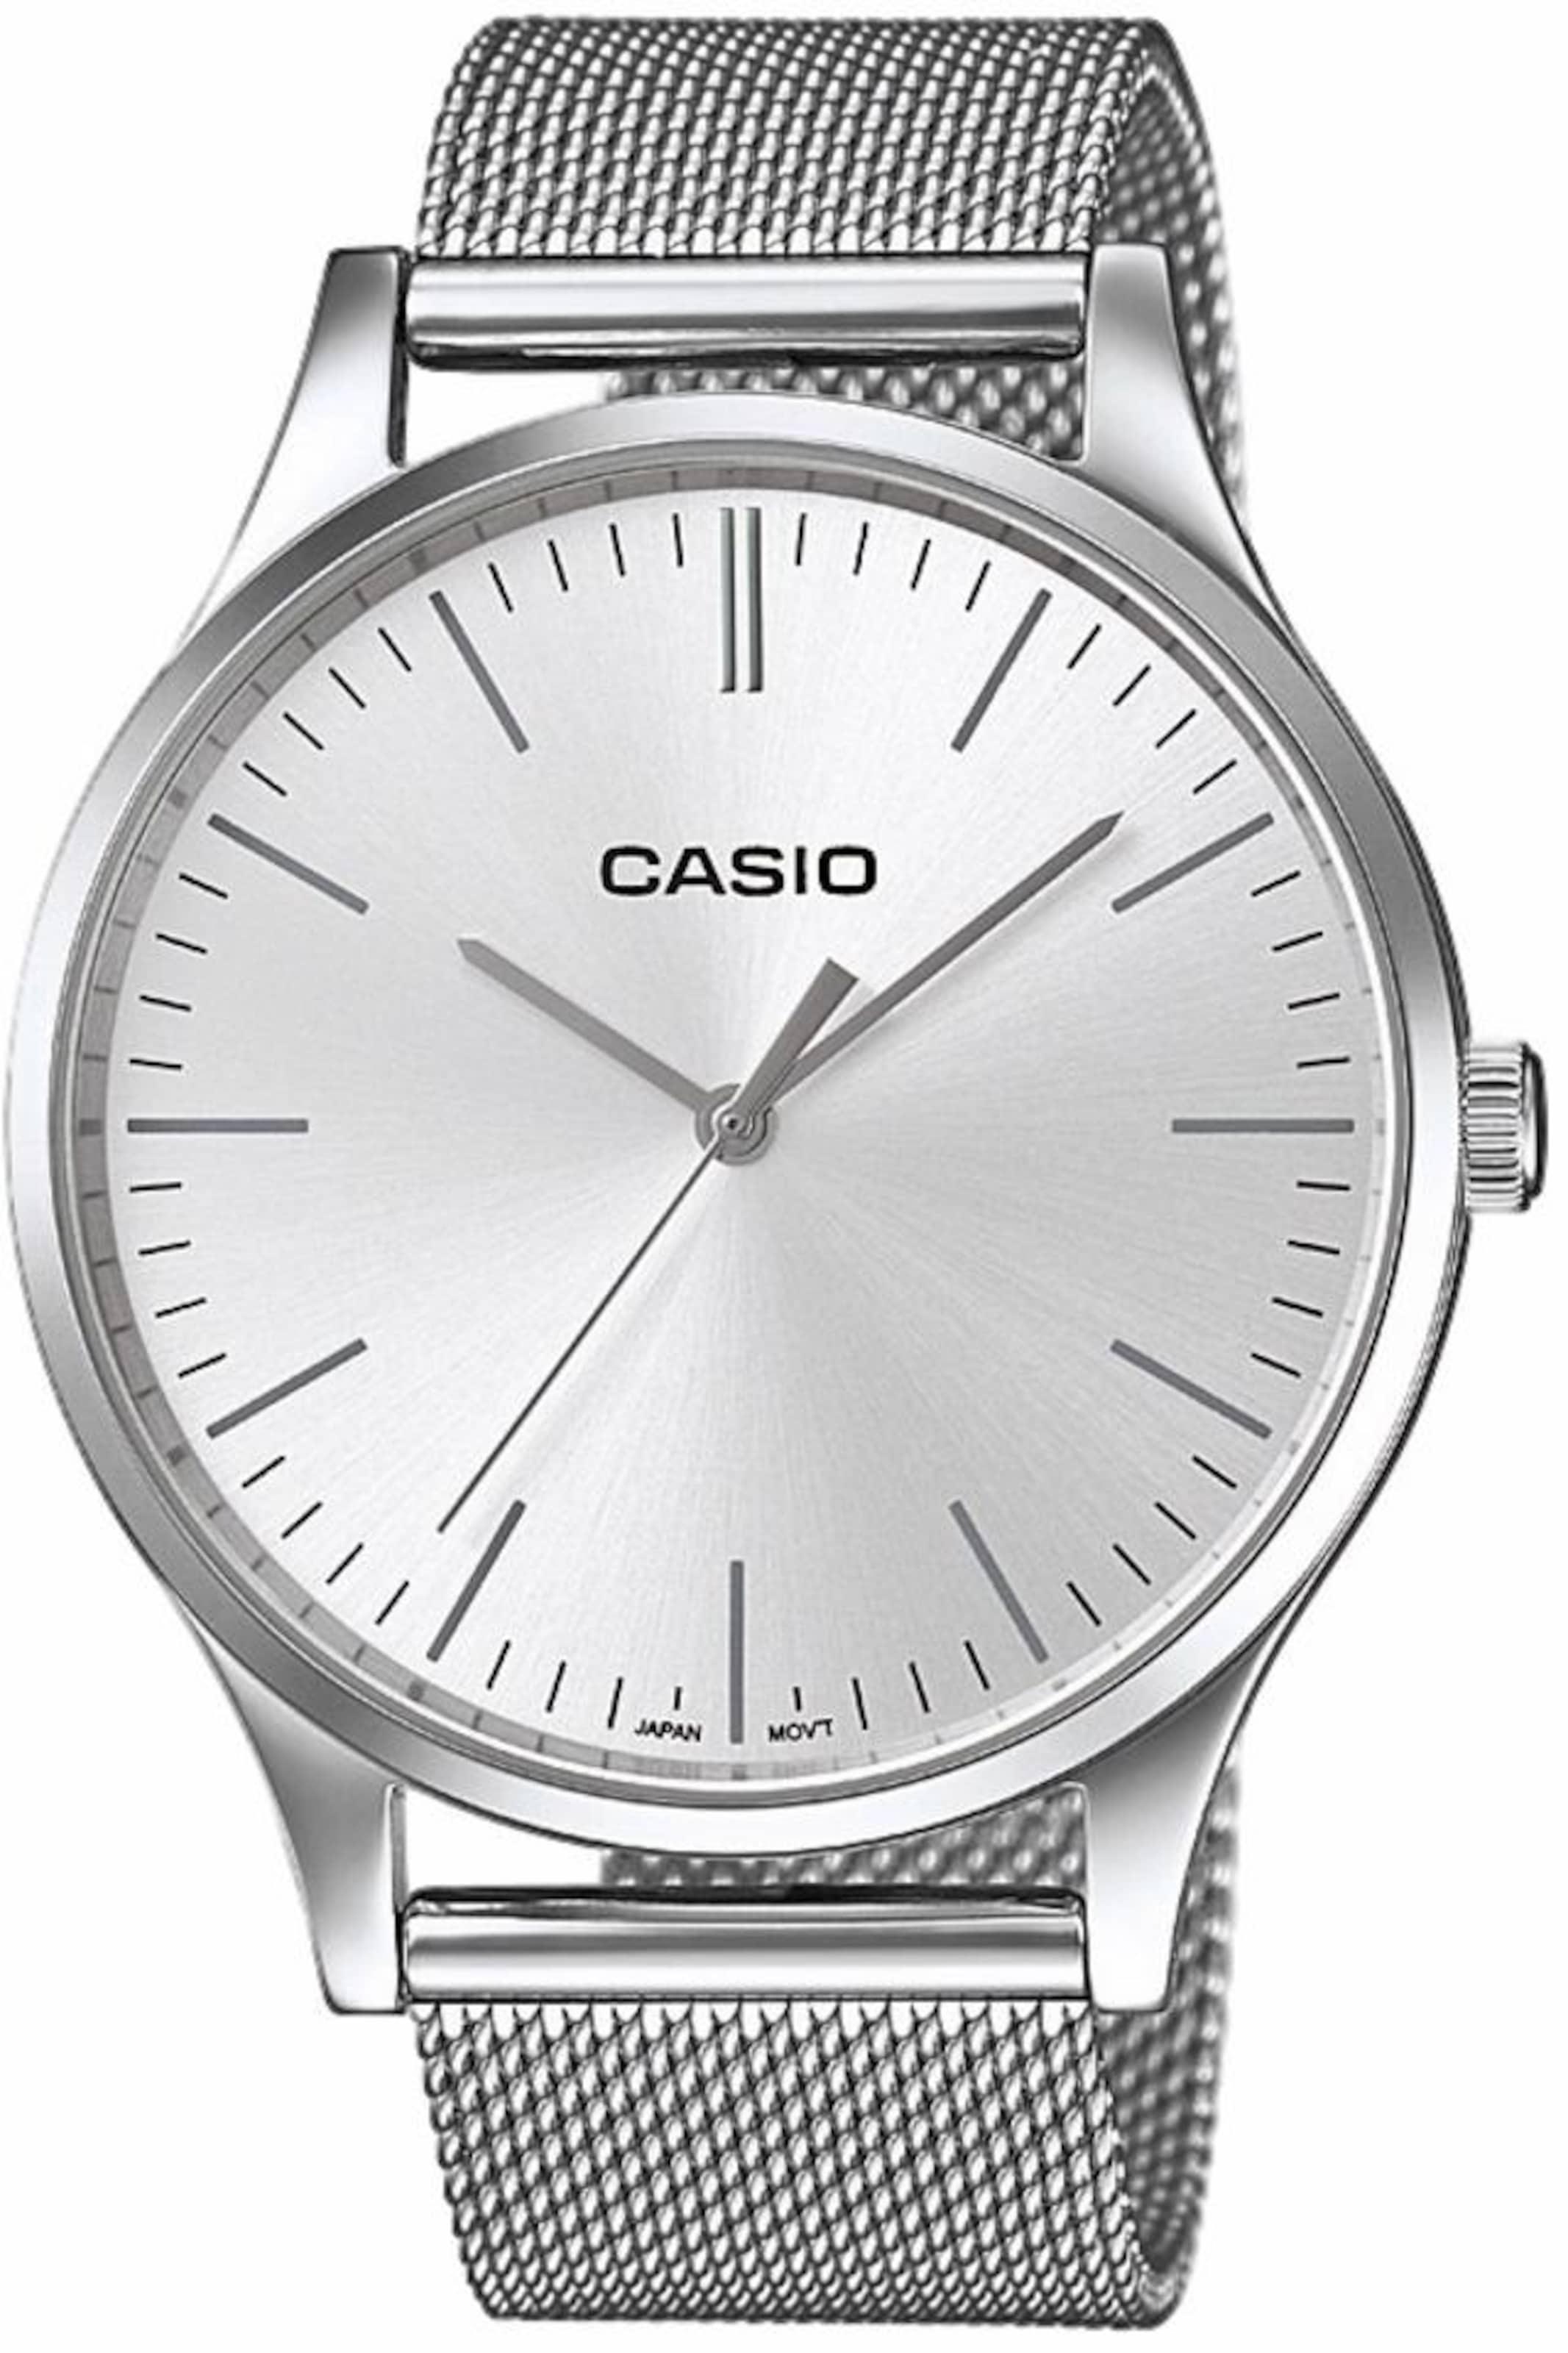 CASIO Collection Quarzuhr 'LTP-E140D-7AEF' Bester Großhandel Günstig Online Kaufen Wirklich Billig Auslass Echt 12lbUSR